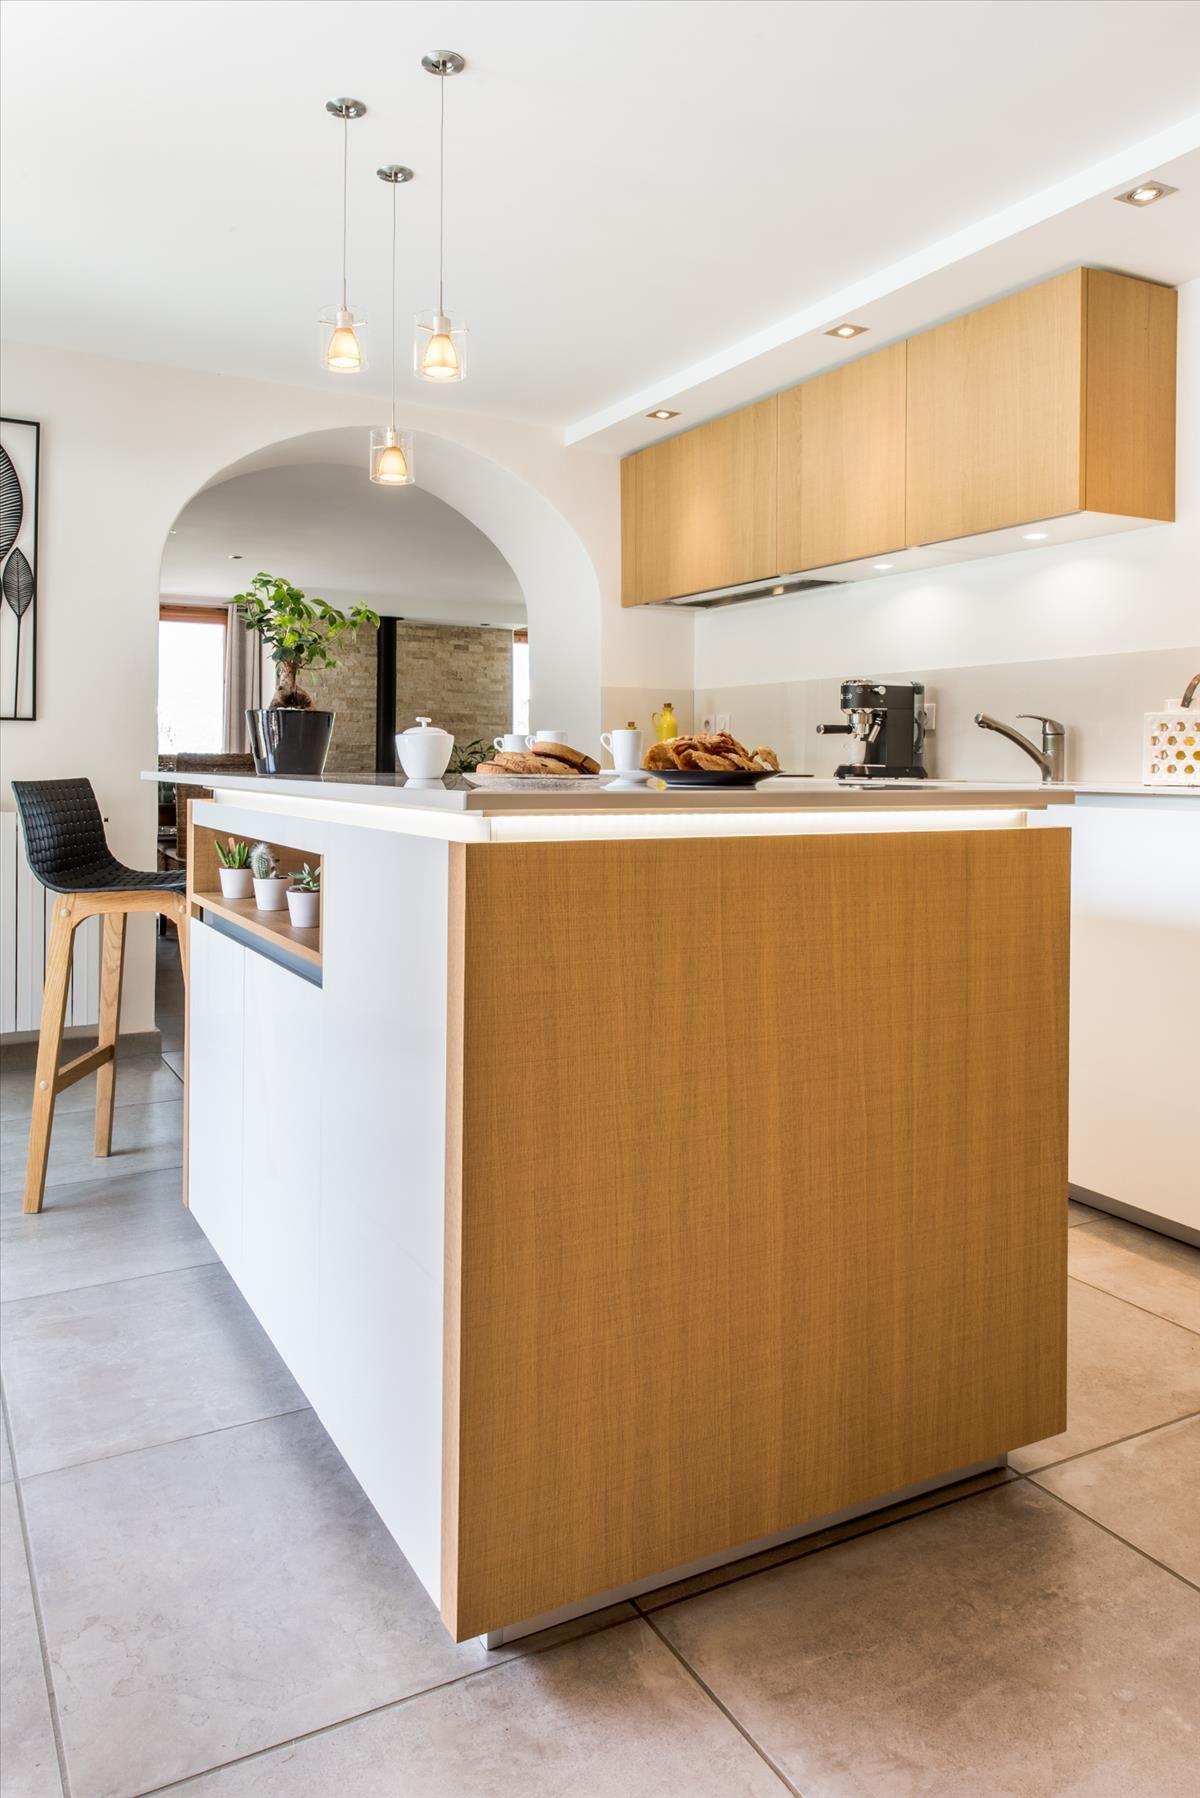 Cuisine moderne avec touche d\'ancien | Cuisine bois in 2019